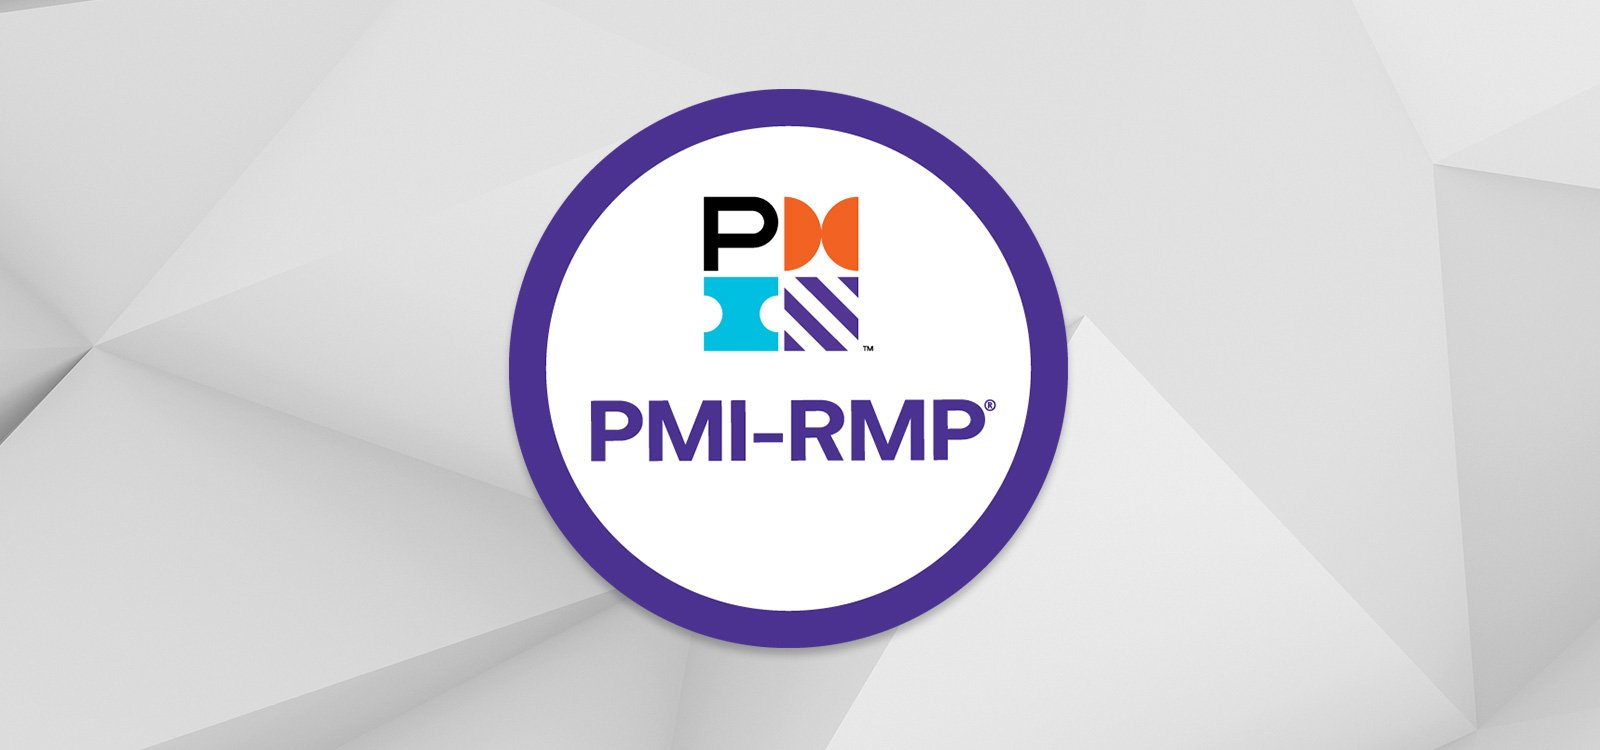 Secretos para estudiar y aprobar el examen PMI-RMP